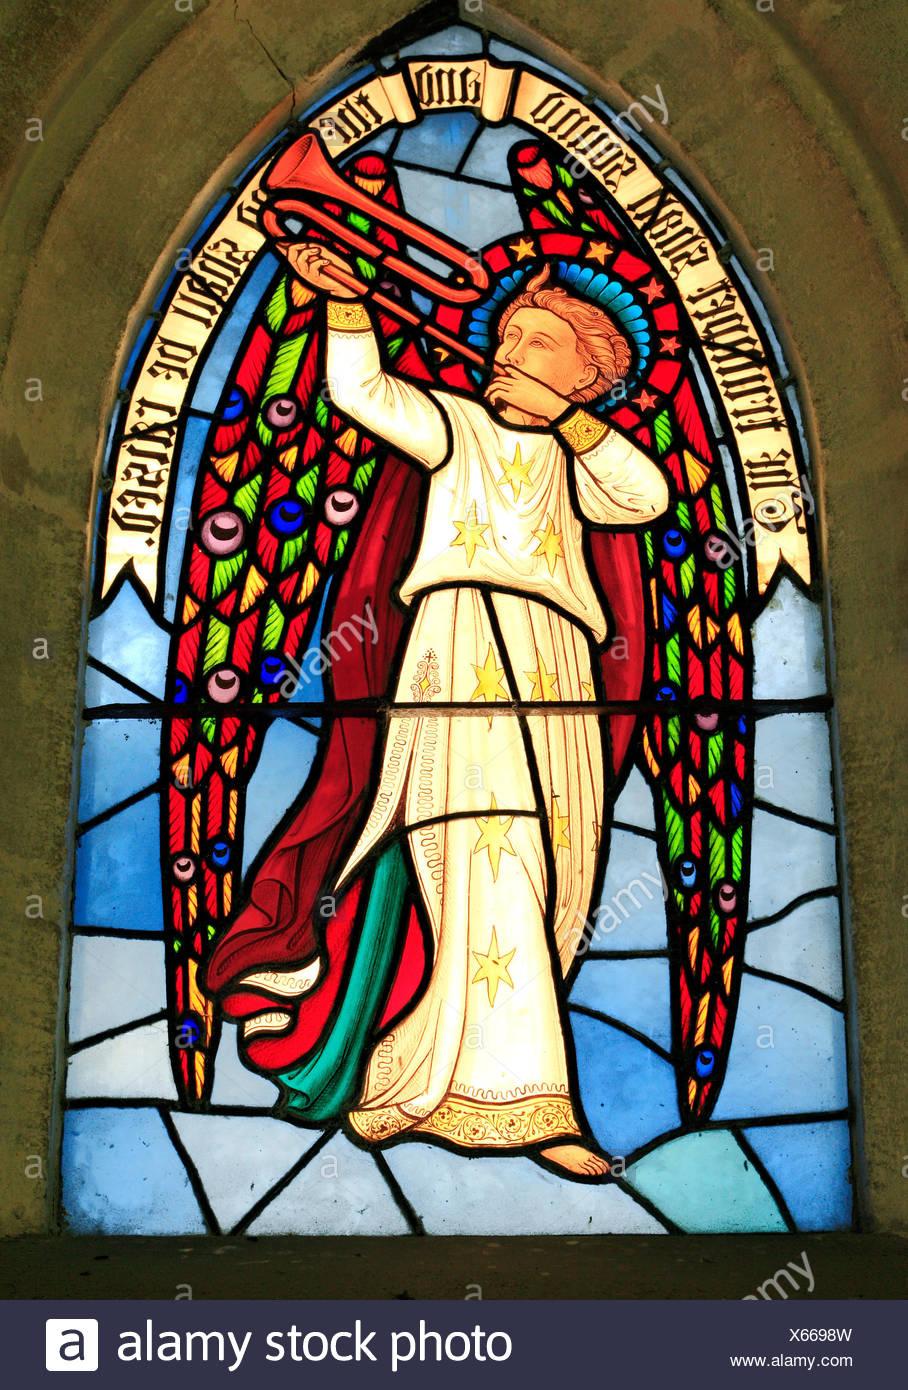 La trompette sonnera, et l'Éternel sera soulevée, vitrail, Angel, Sculthorpe, église, Norfolk, England, UK Banque D'Images